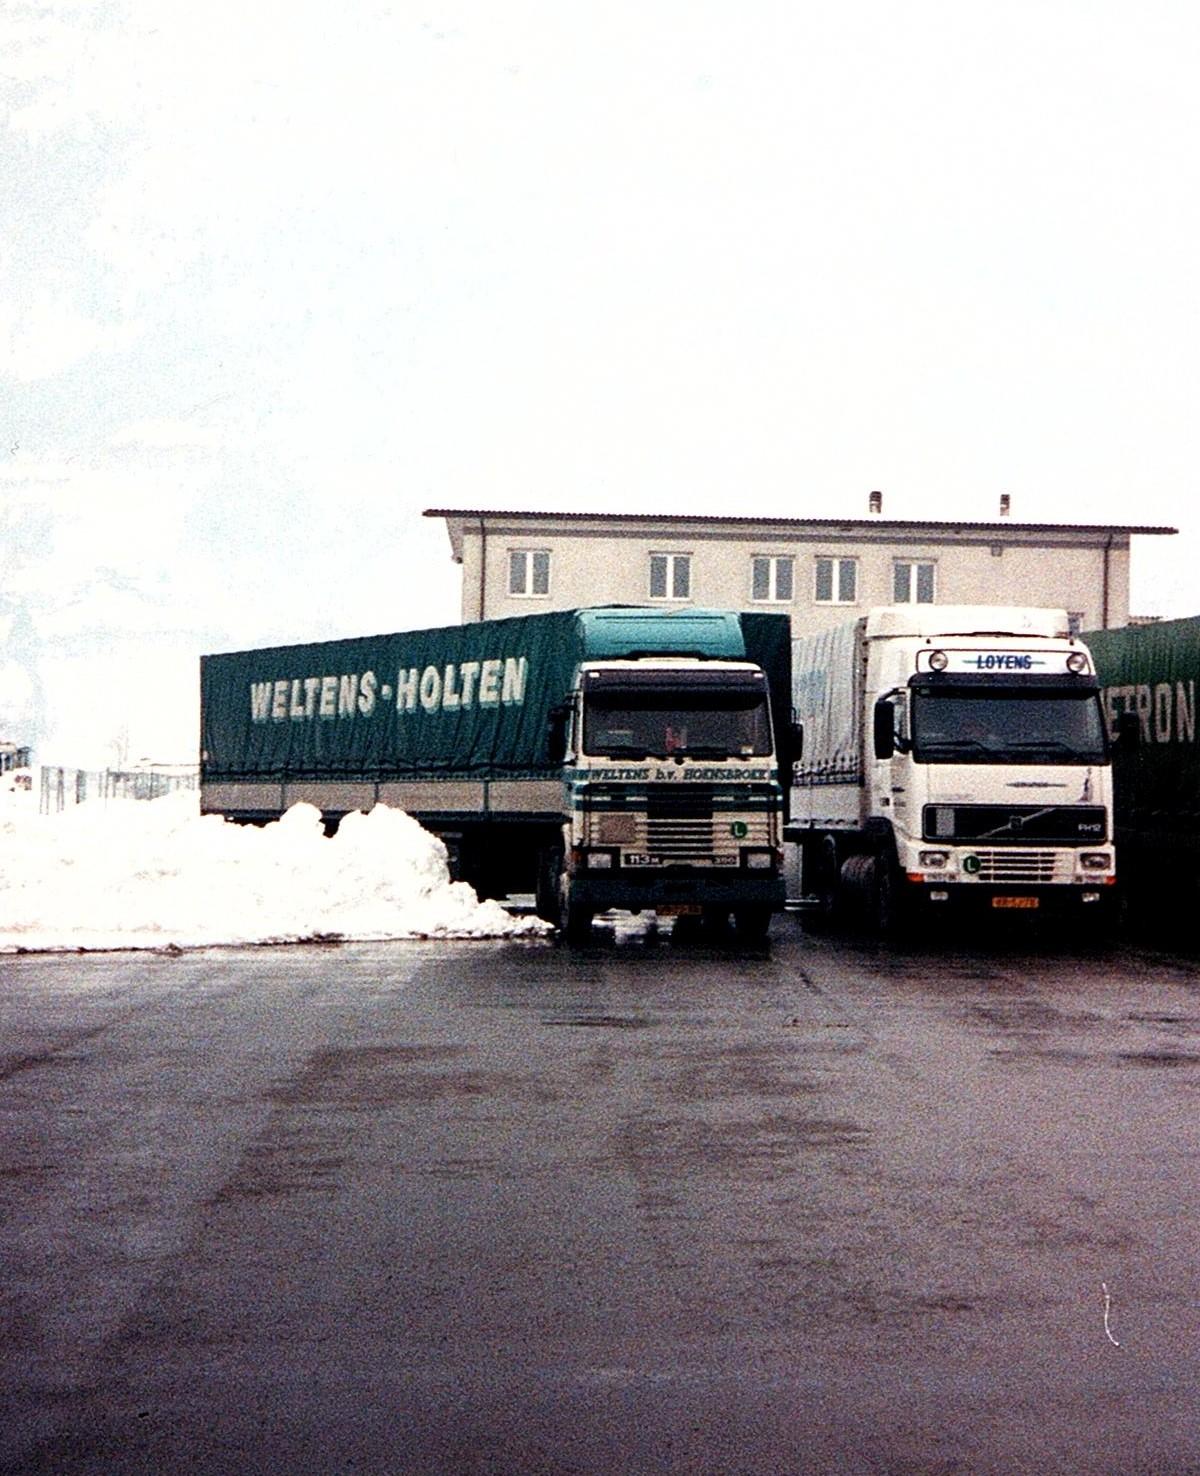 Bert-met-de-Scania-vakantie-vieren-in-Italie-22